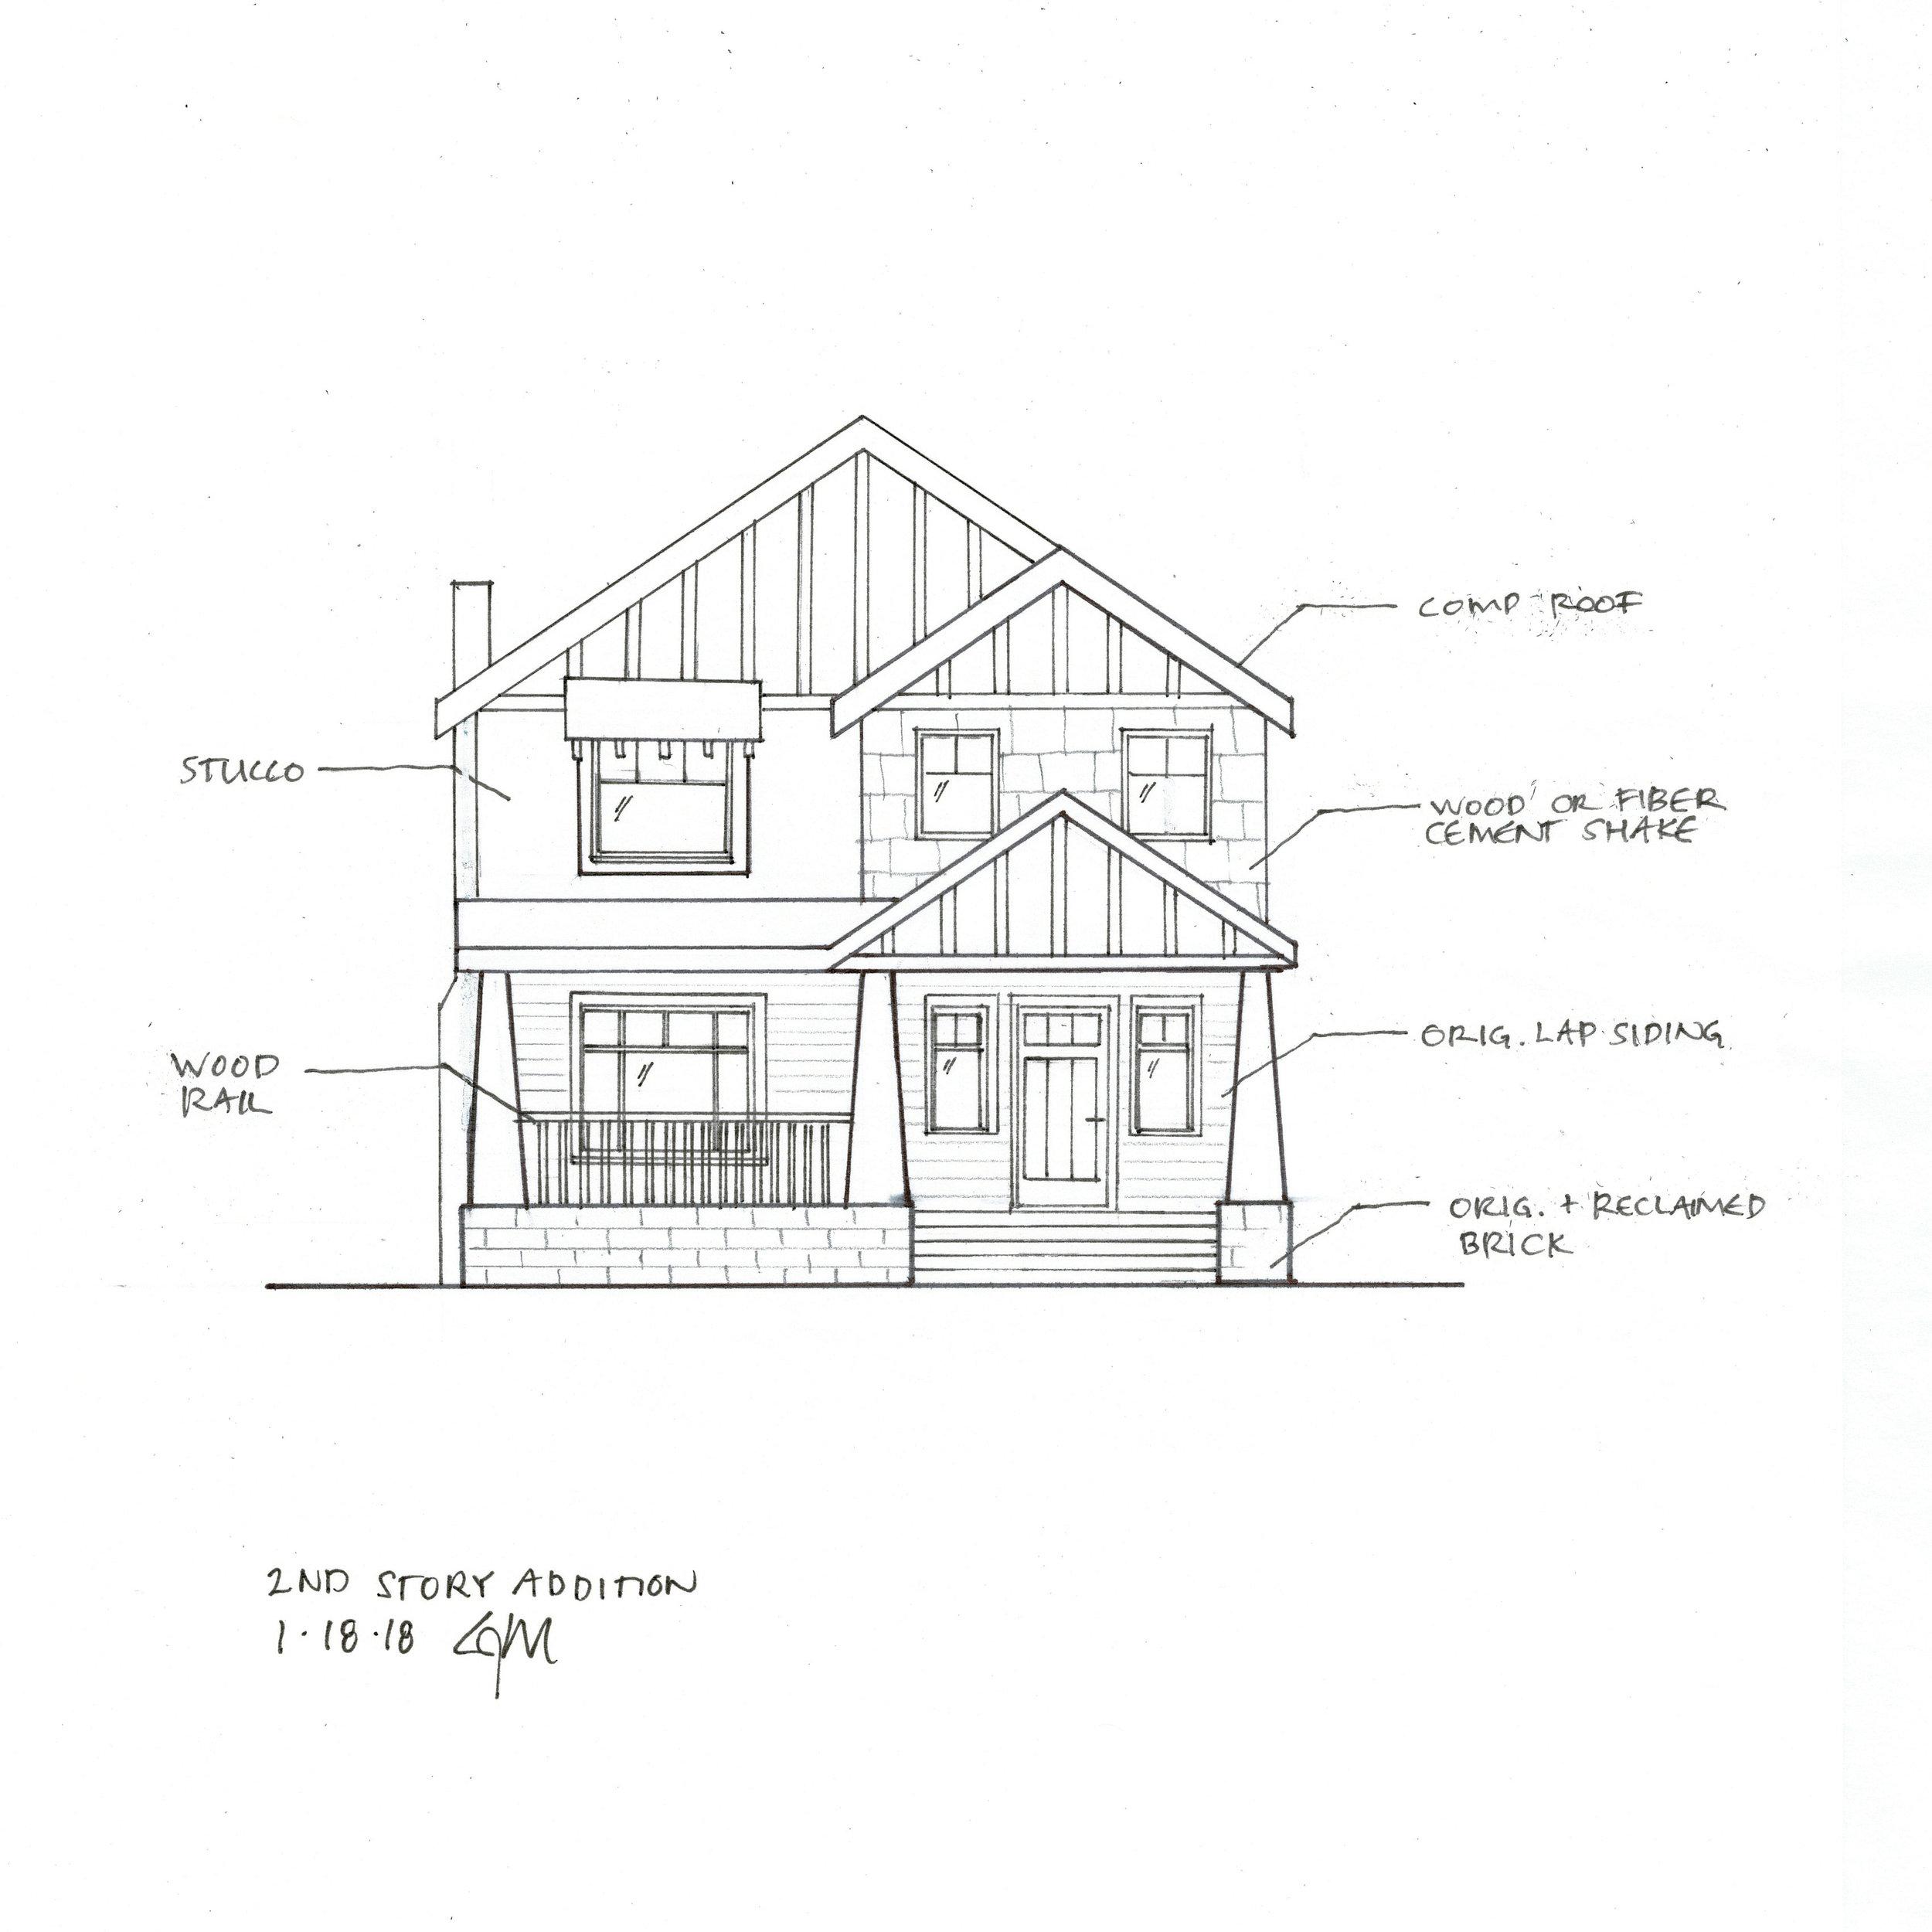 craftsman-final-schematic-design-elevation.jpg